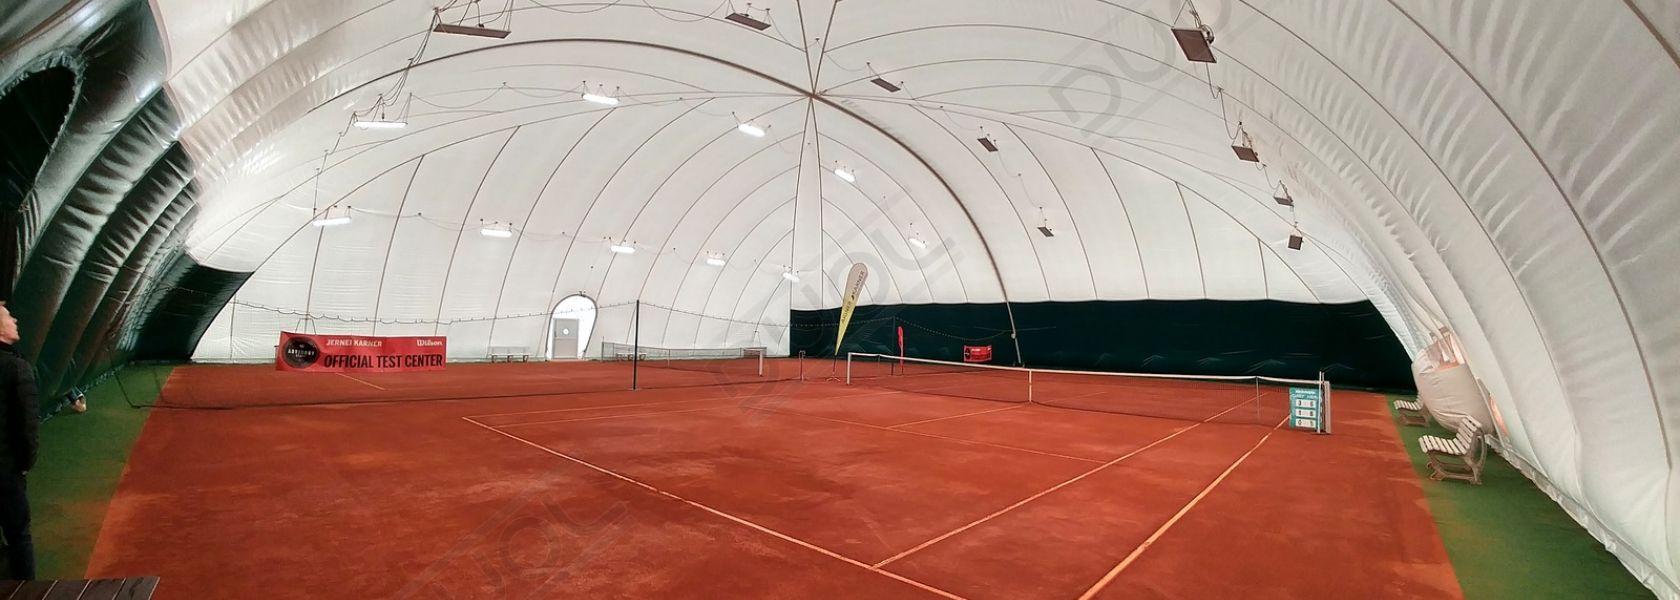 Tennisverein Dürnbach